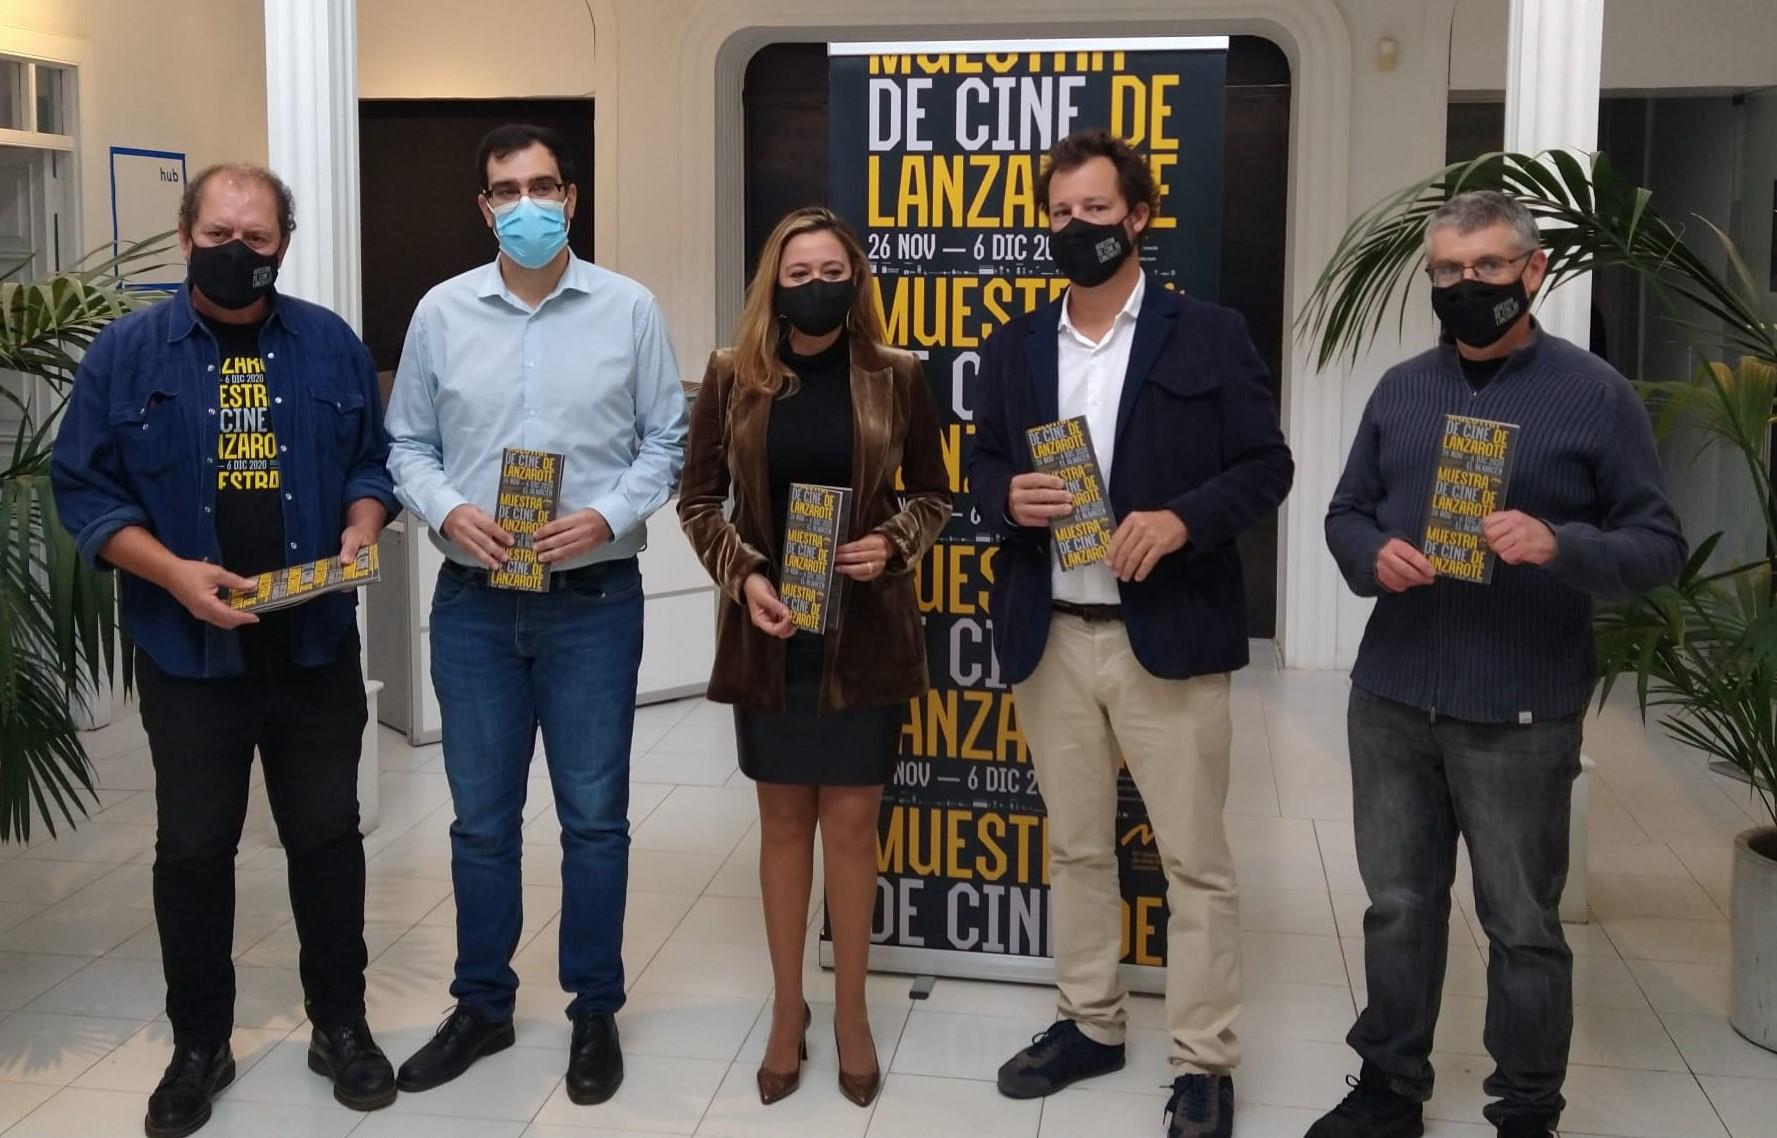 Respaldo de la Presidenta del Cabildo a la 10ª Muestra de Cine de Lanzarote